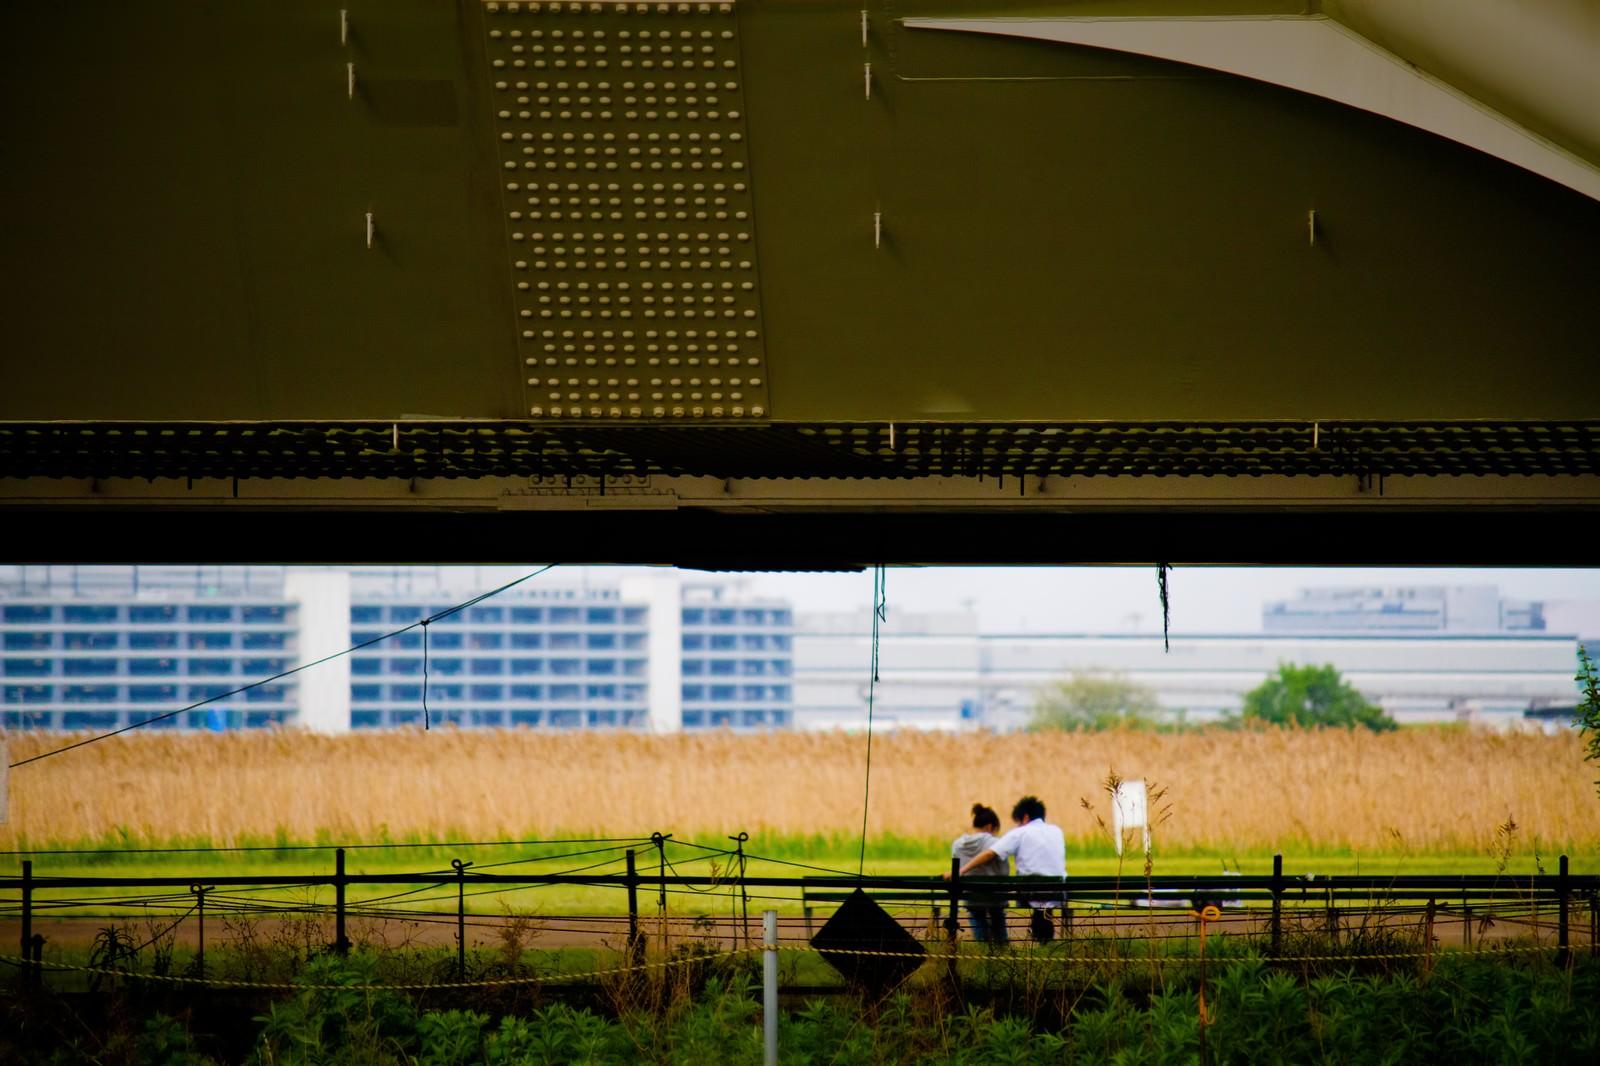 「高架下の恋人達」の写真